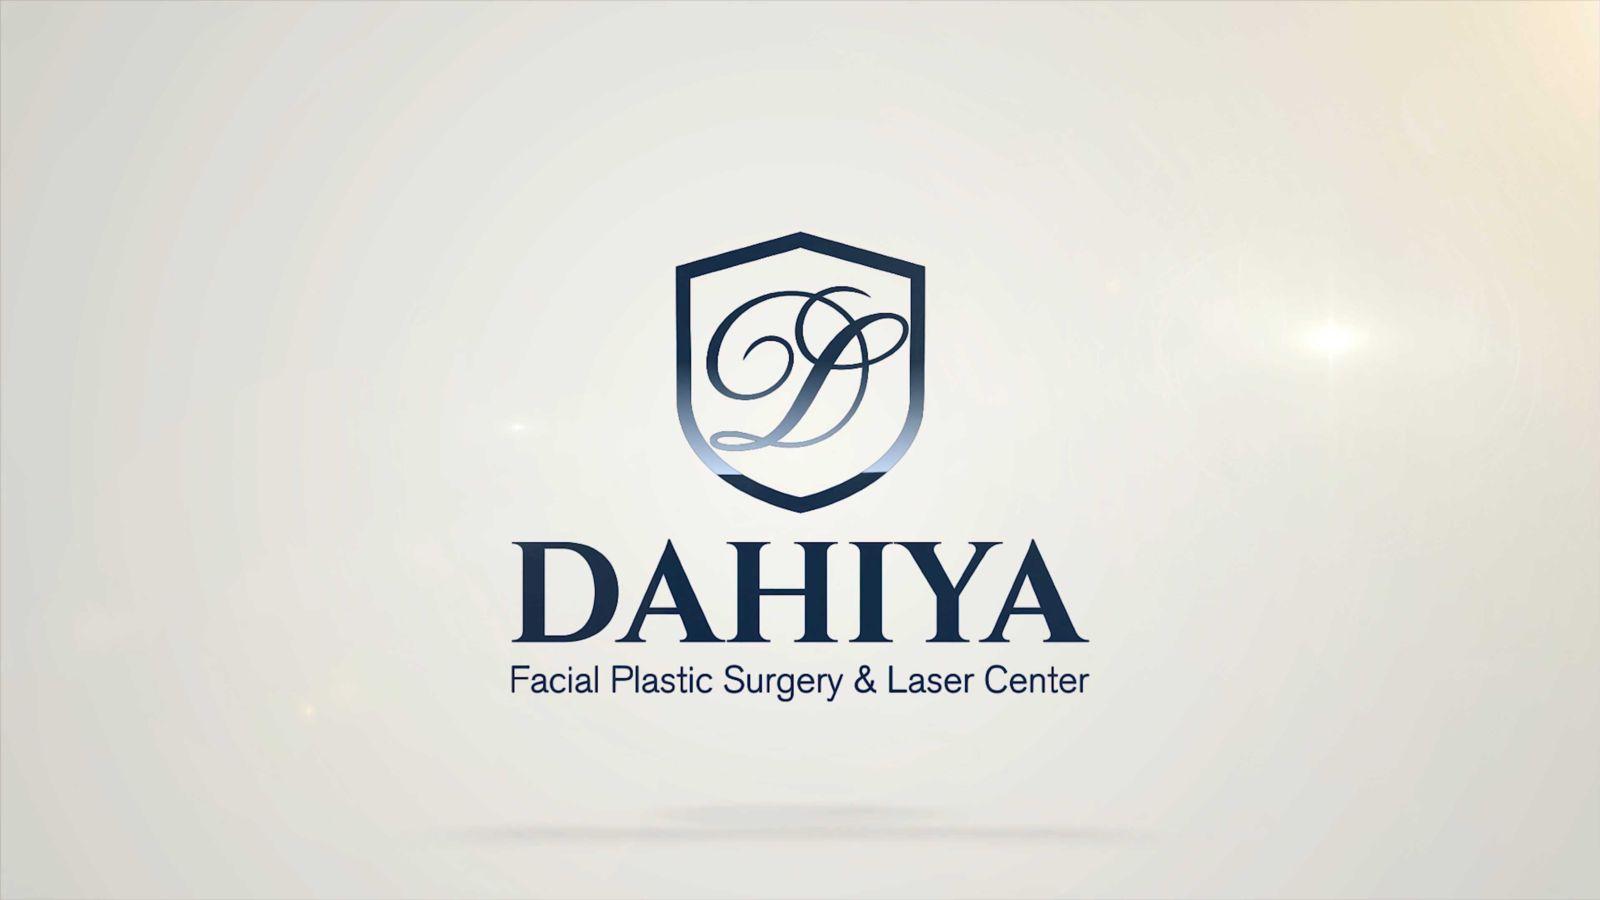 dahiya logo